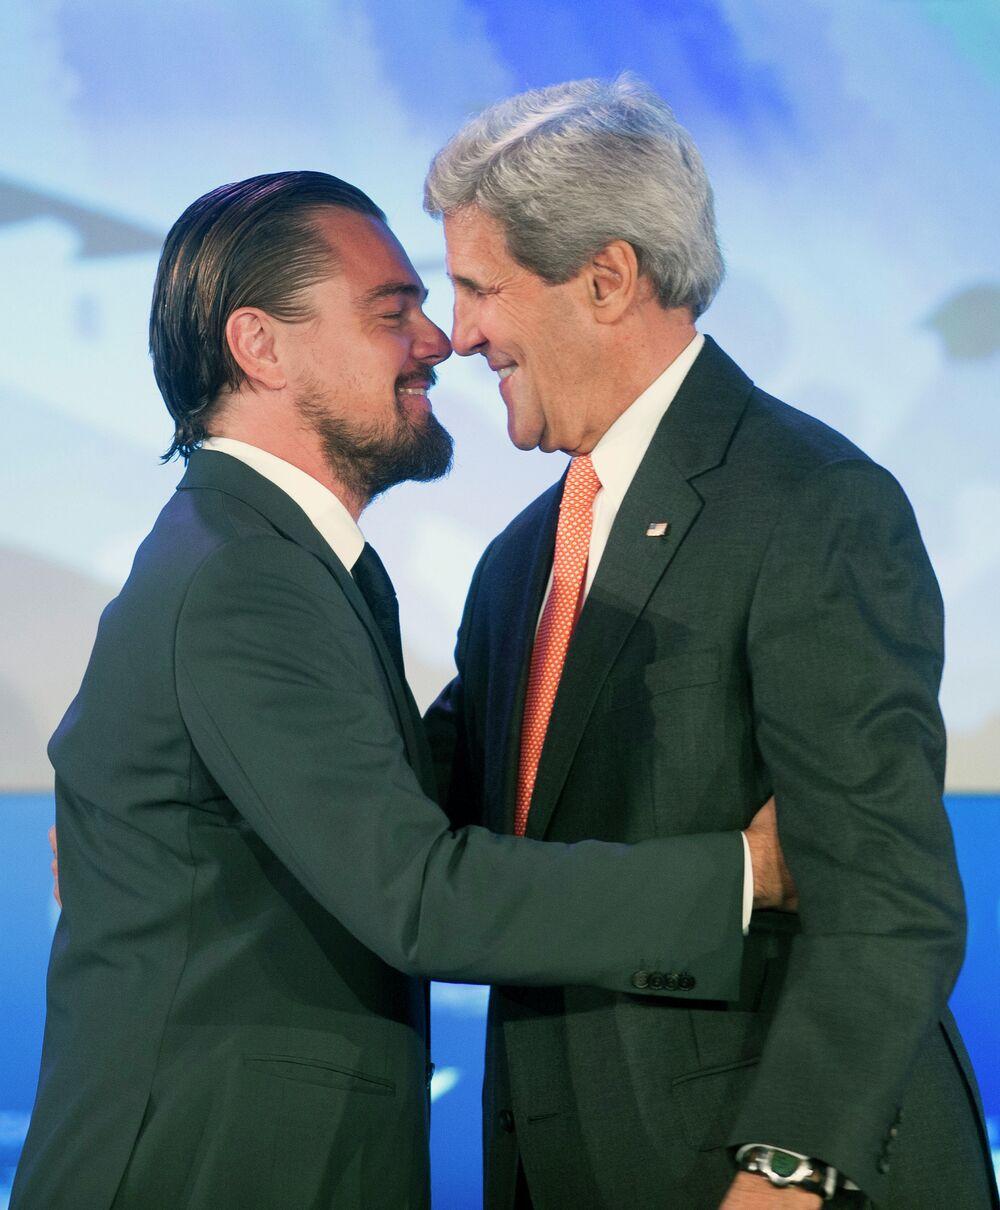 Госсекретарь Джон Керри обнимает актера Леонардо Ди Каприо после его выступления